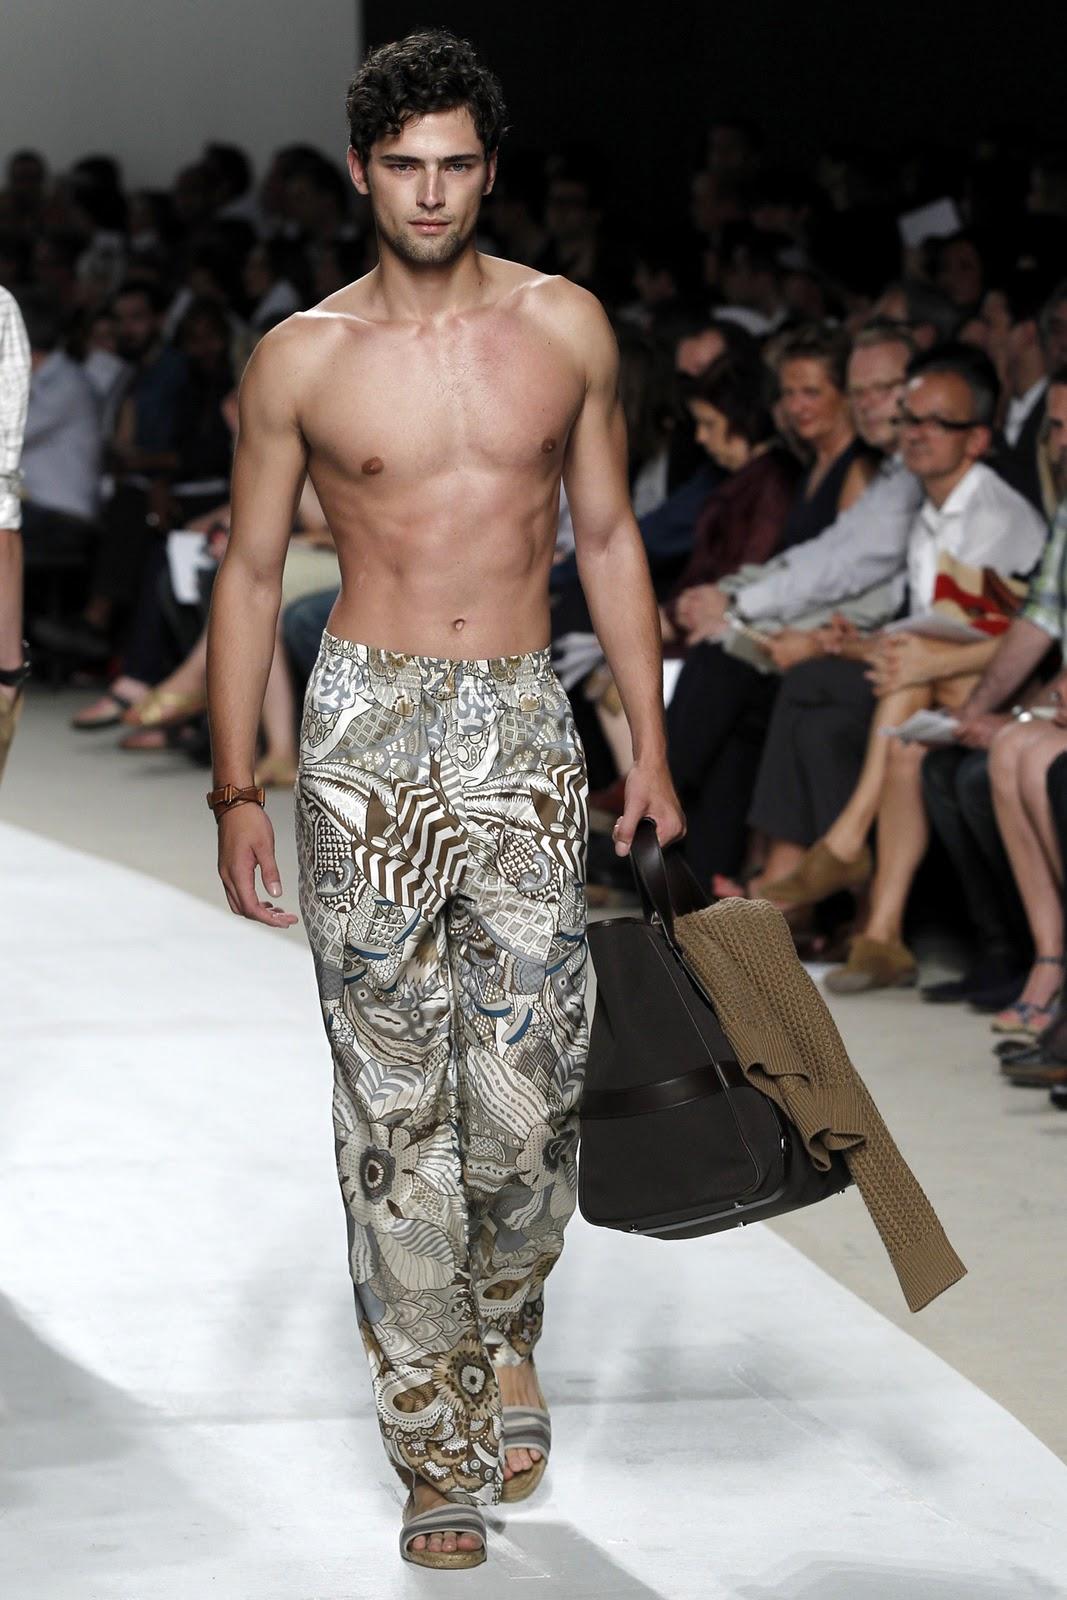 http://3.bp.blogspot.com/_BMWgrUQvg3Y/TNq1W5R4pCI/AAAAAAAAAI0/FTK5to20uaw/s1600/sean+catwalk.jpg